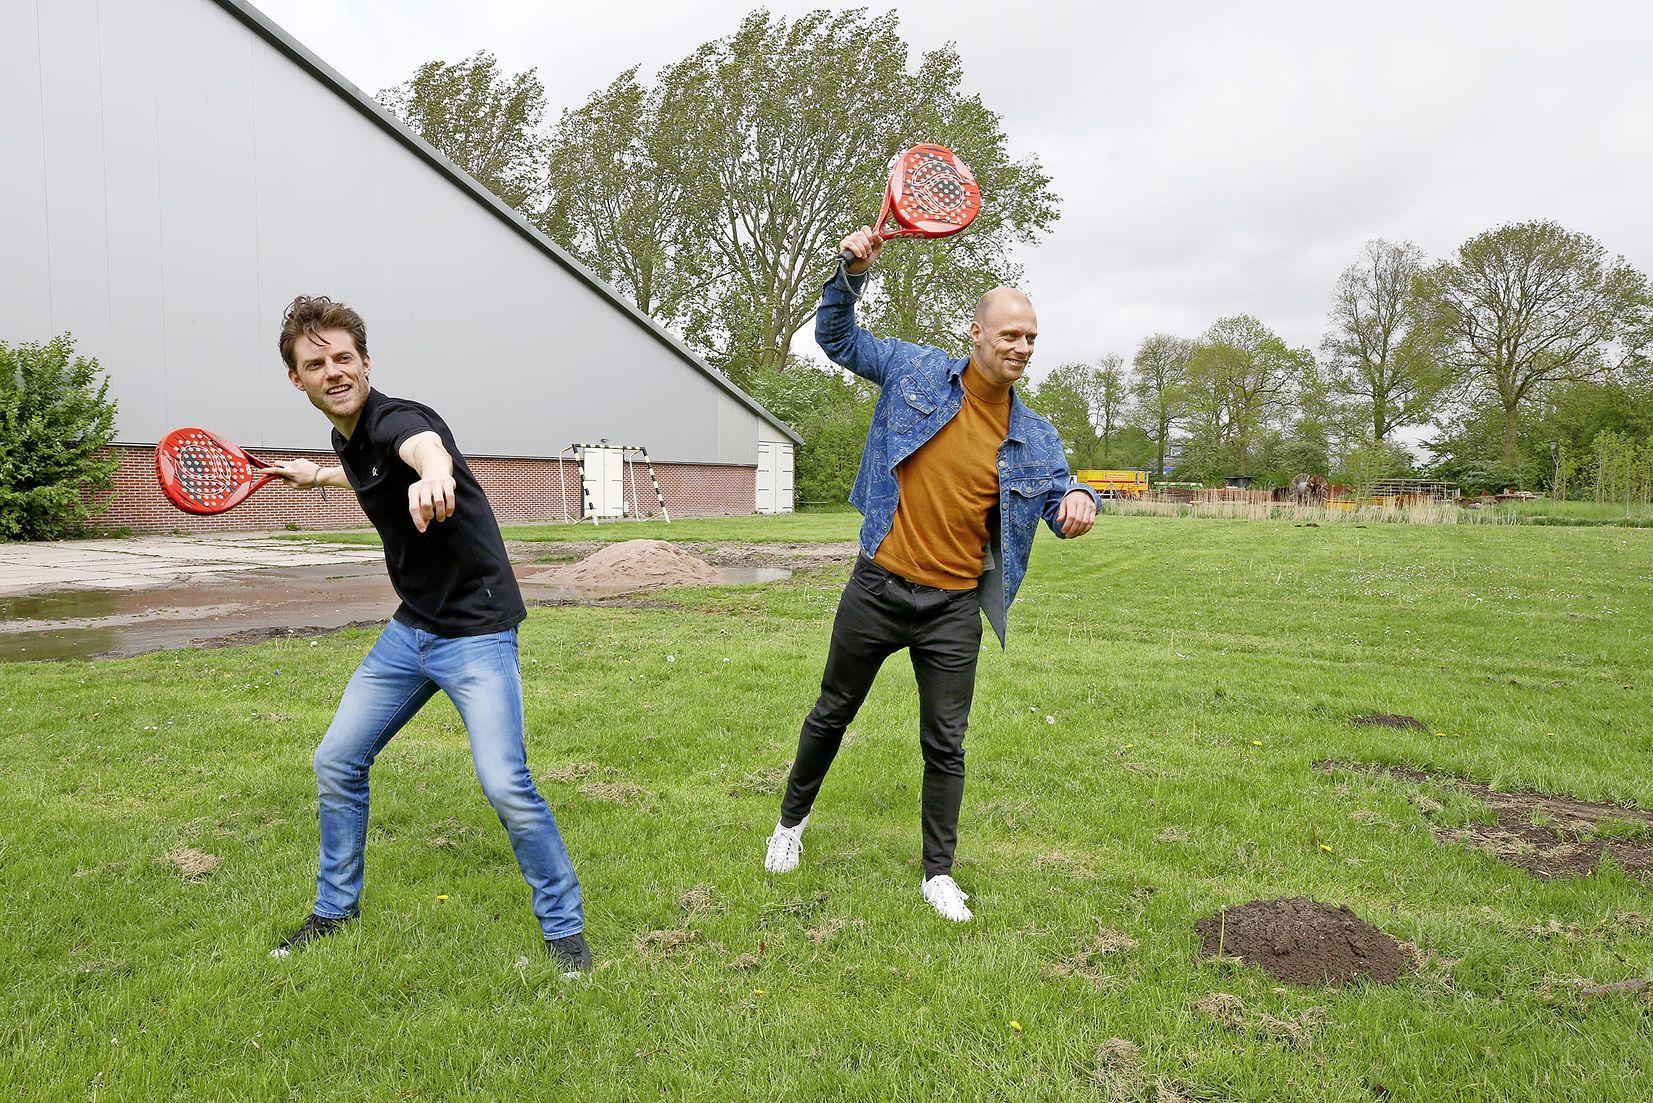 Waarom heeft de Noordkop nog geen eigen padelbaan? Jan Bakker en Maikel van Tilburg maken er werk van. 'We willen alles zelf gaan regelen'